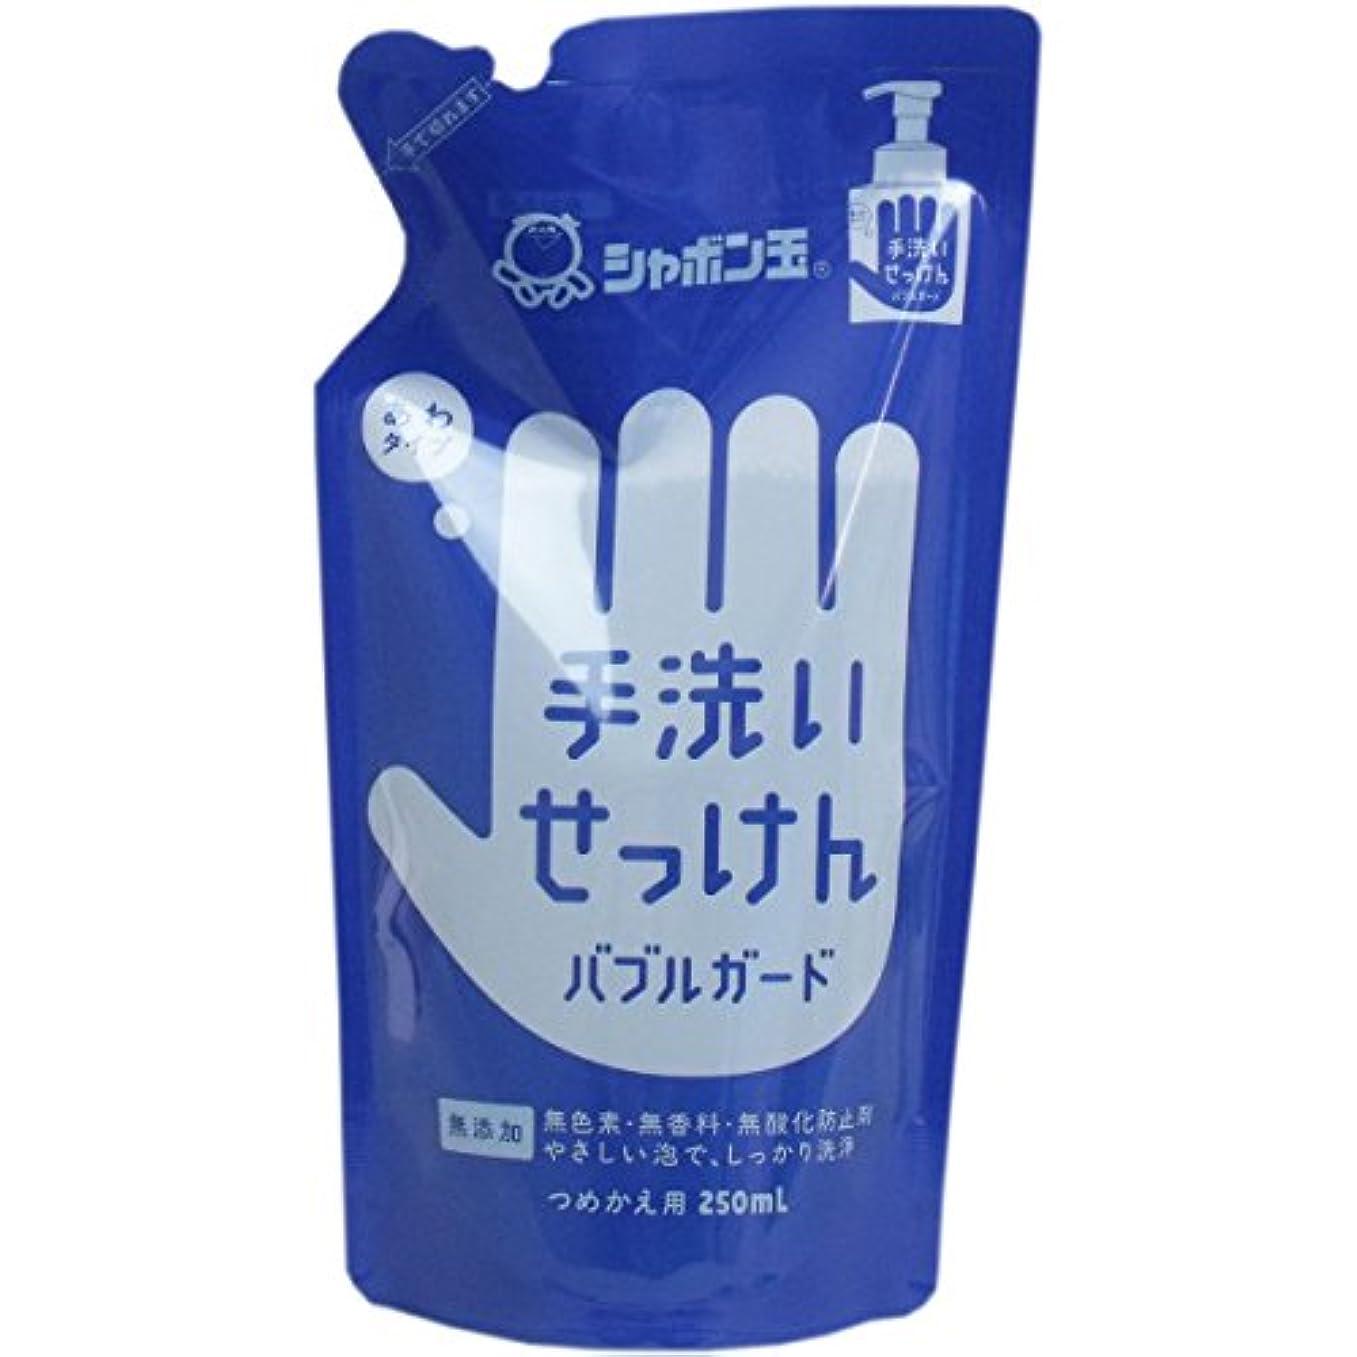 [シャボン玉石けん 1602809] (ケア商品)手洗いせっけん バブルガード 泡タイプ つめかえ用 250ml